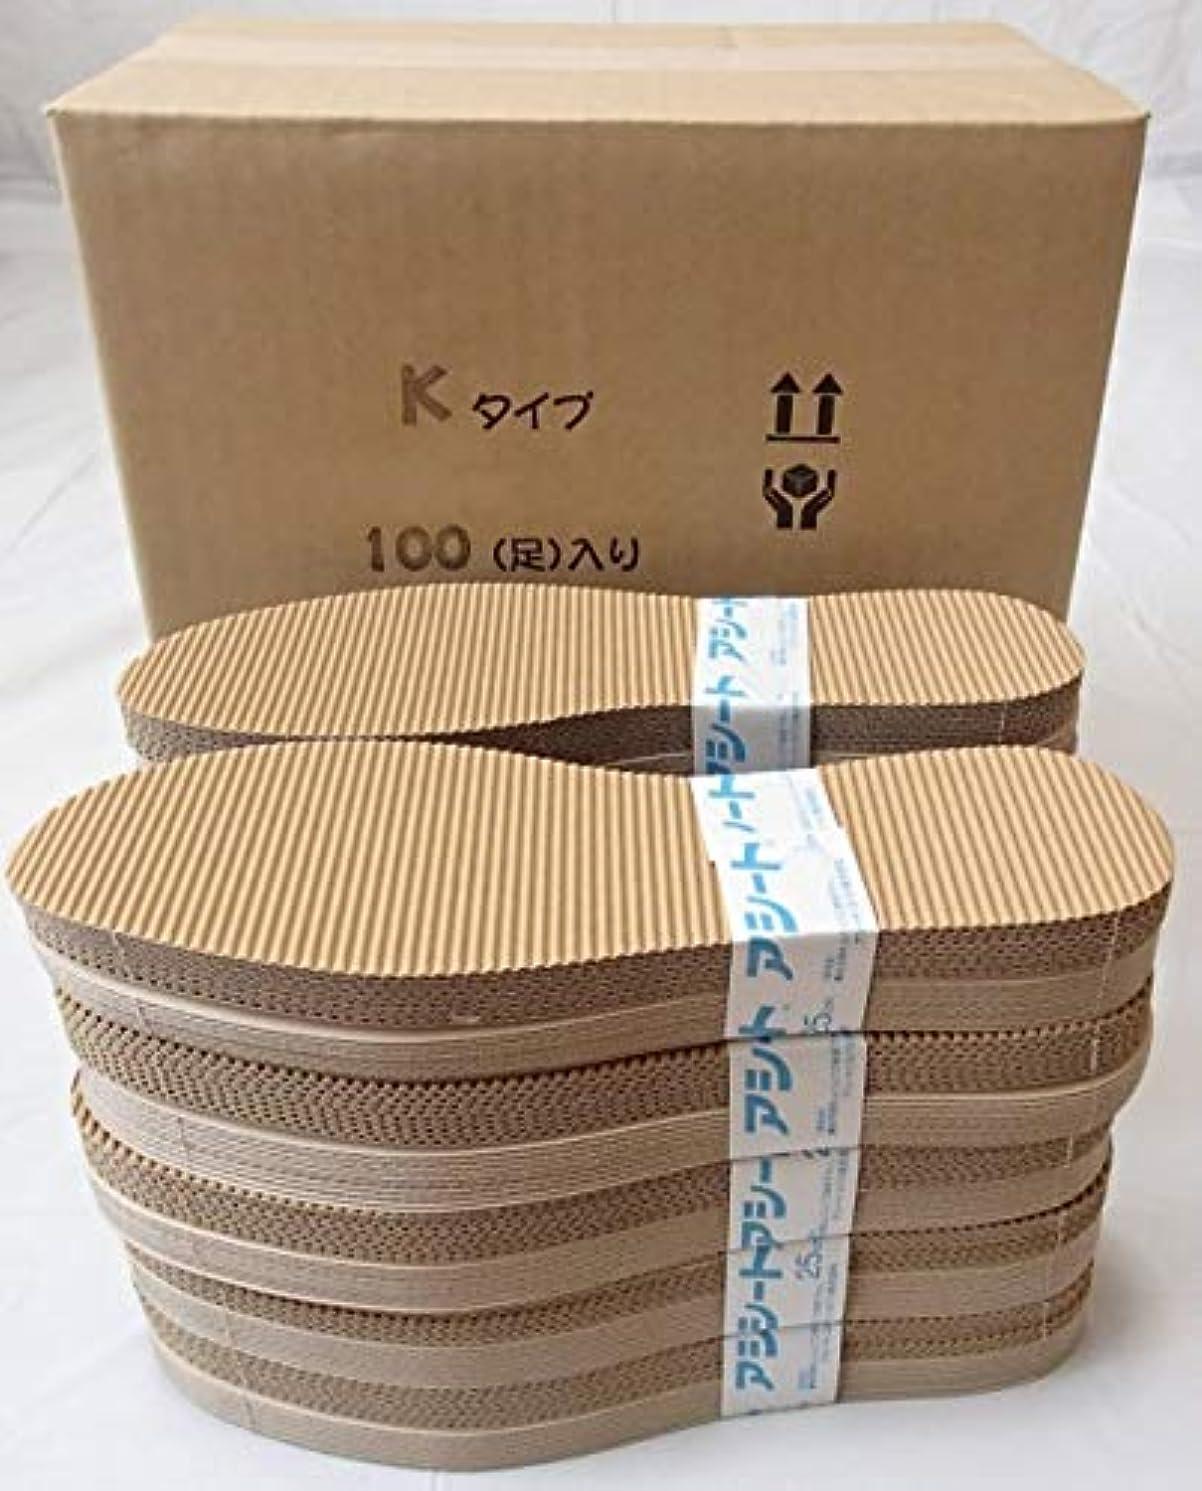 権限上陸解釈アシートKタイプお得用パック100足入り (27.5~28.0cm)